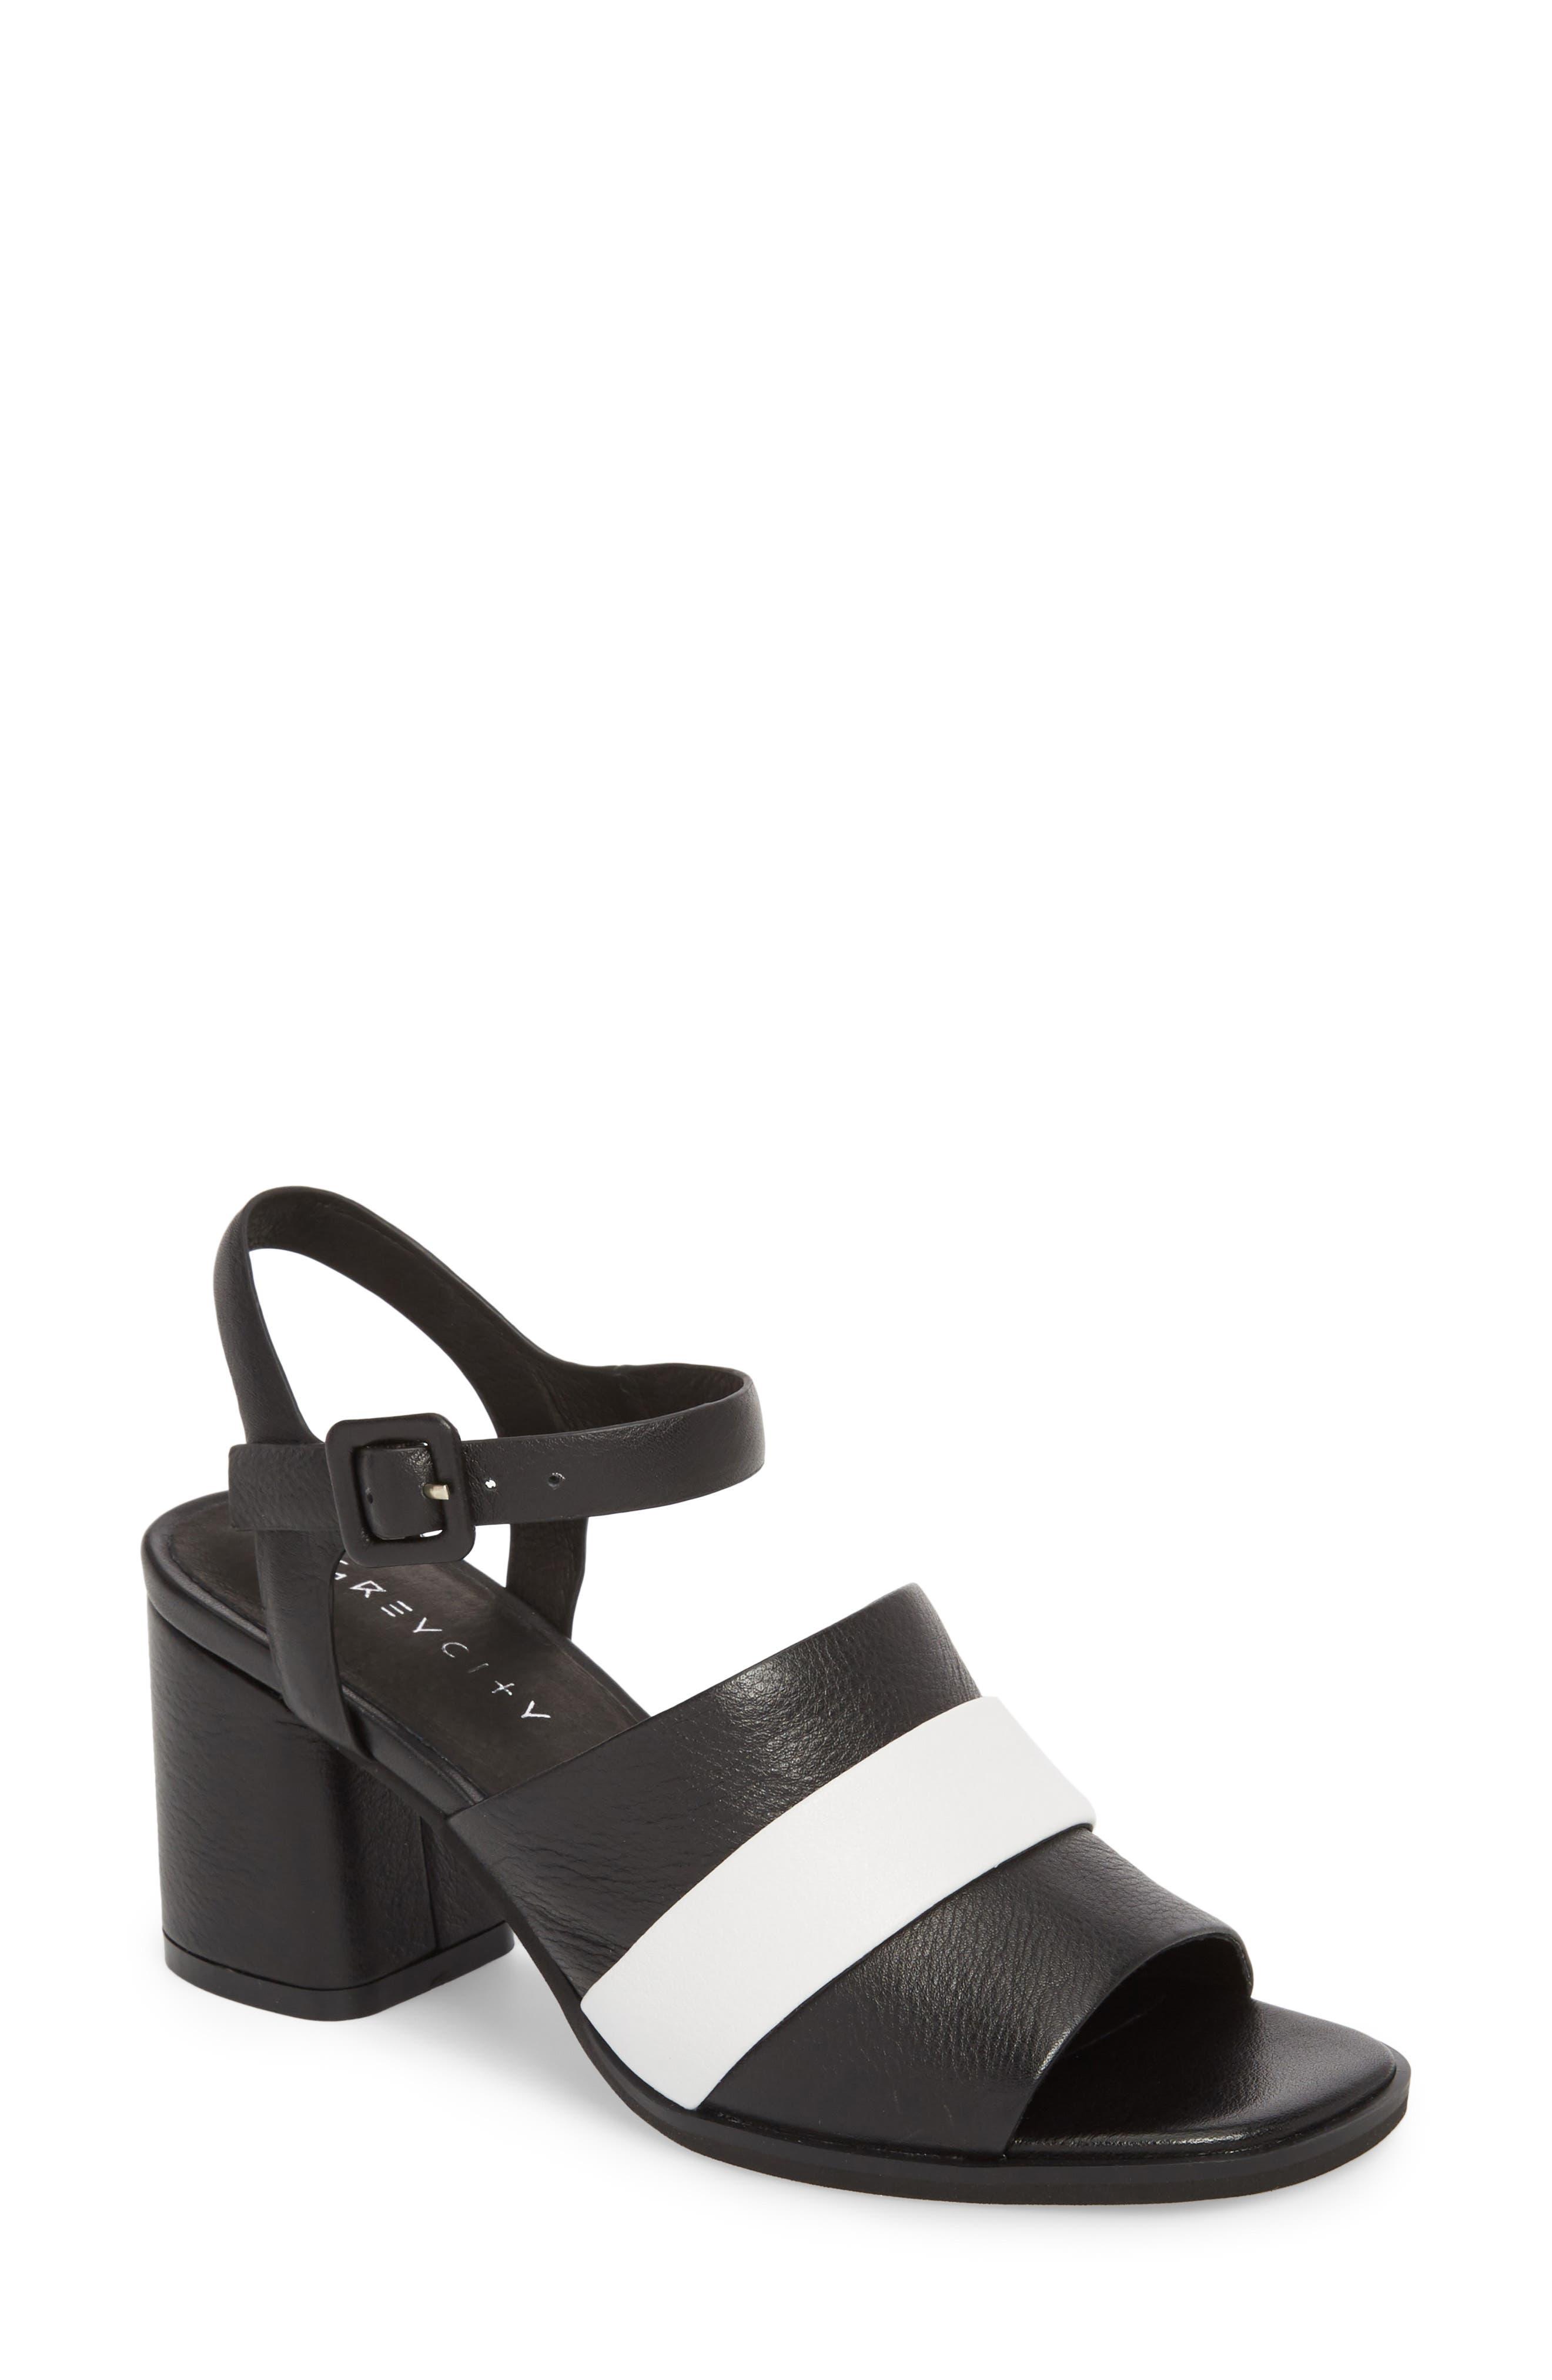 Ren Sandal,                             Main thumbnail 1, color,                             Black/ White